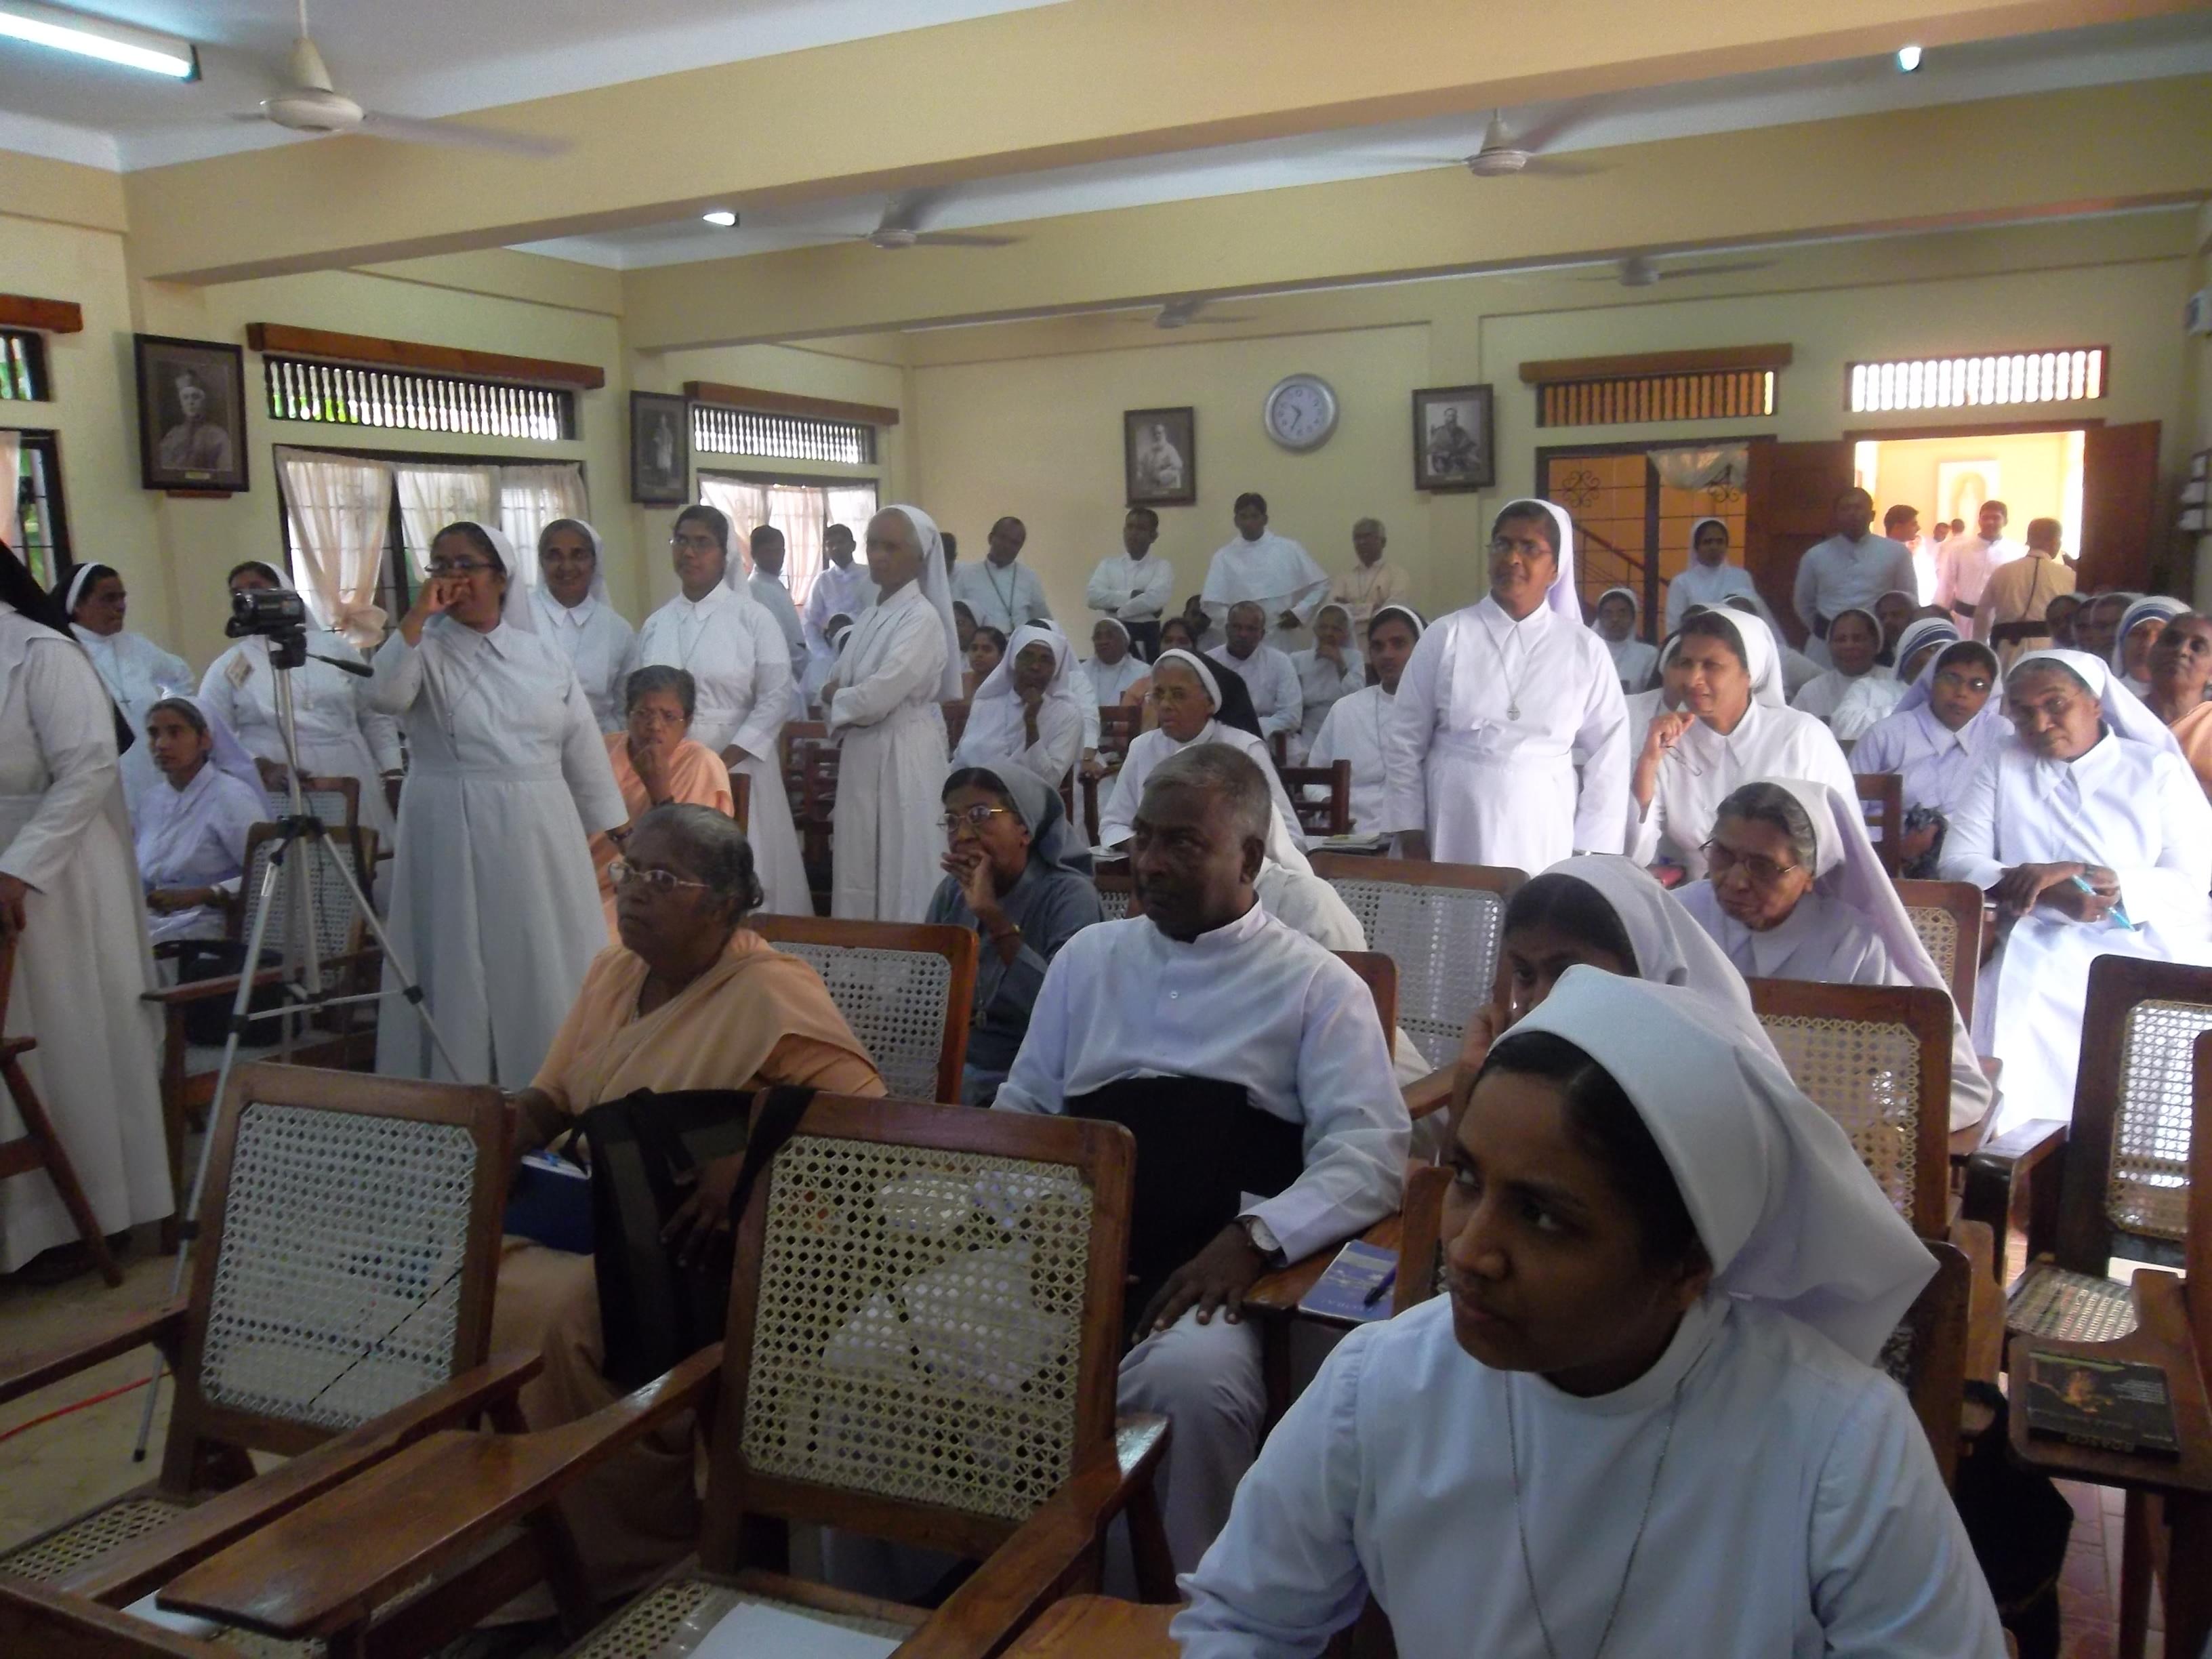 fr-selvam-seminar-054